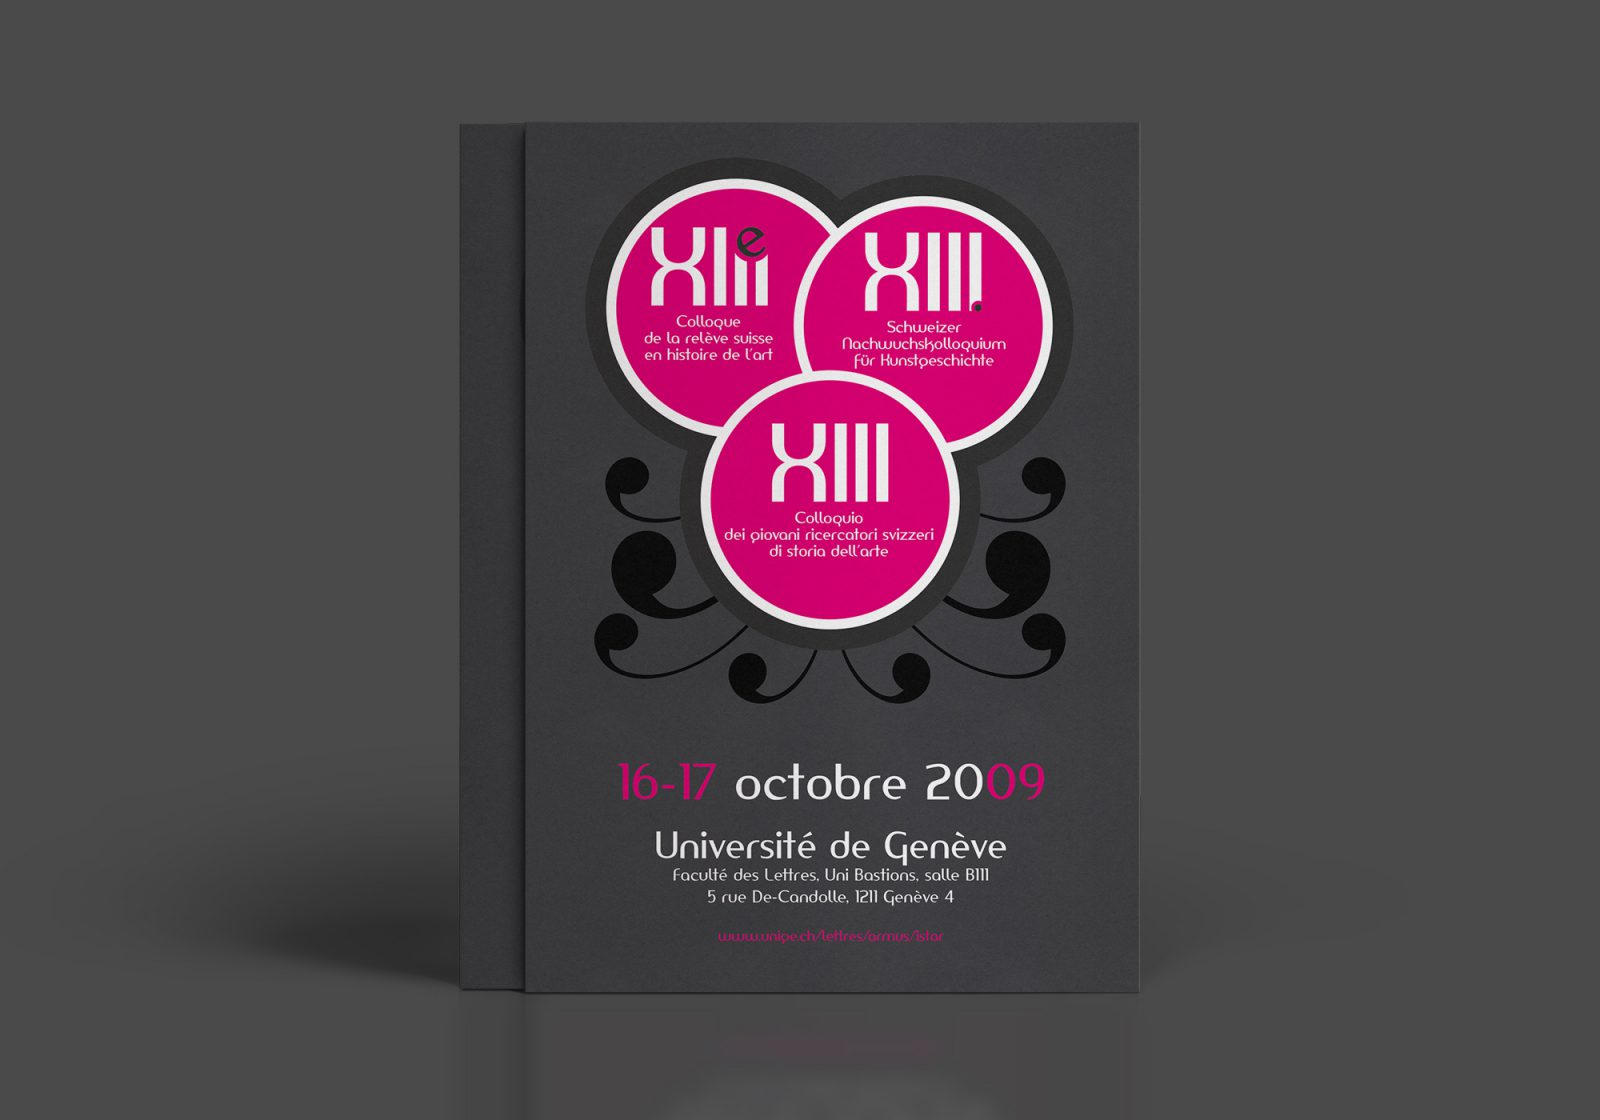 UNIGE-colloque13-histoire-de-l-art-affiche-geneve-fredmuller-graphiste-print-web-freelance-new